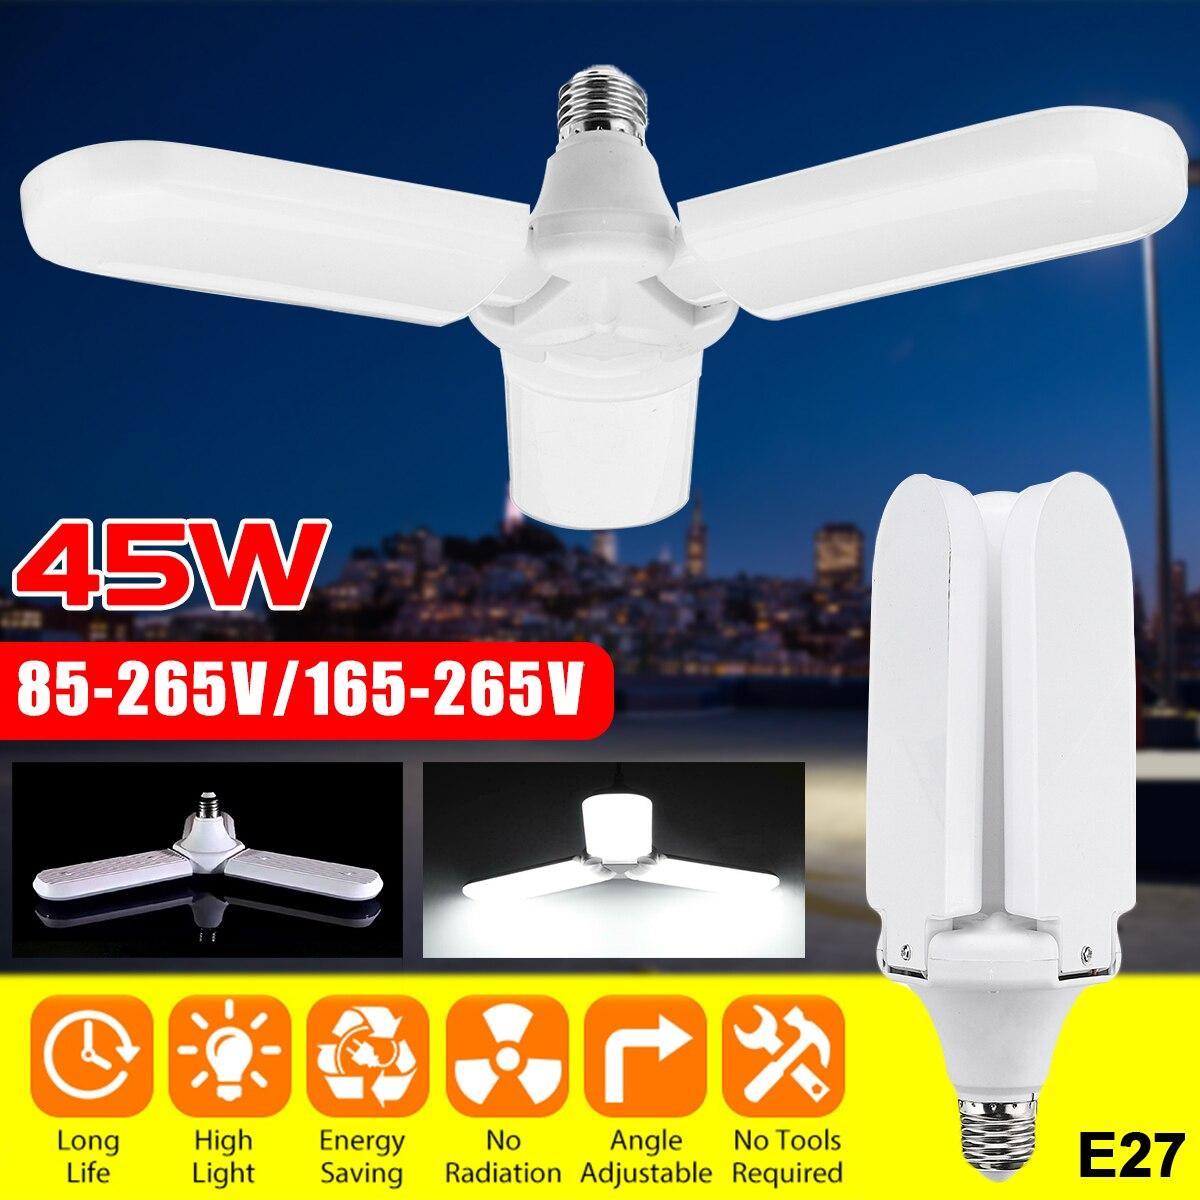 Super Bright Led Garage Light 3 Leaf Deformable Industrial Lighting E27 45w 85-265v/165-265v 2835 Workshop Ceiling Lights